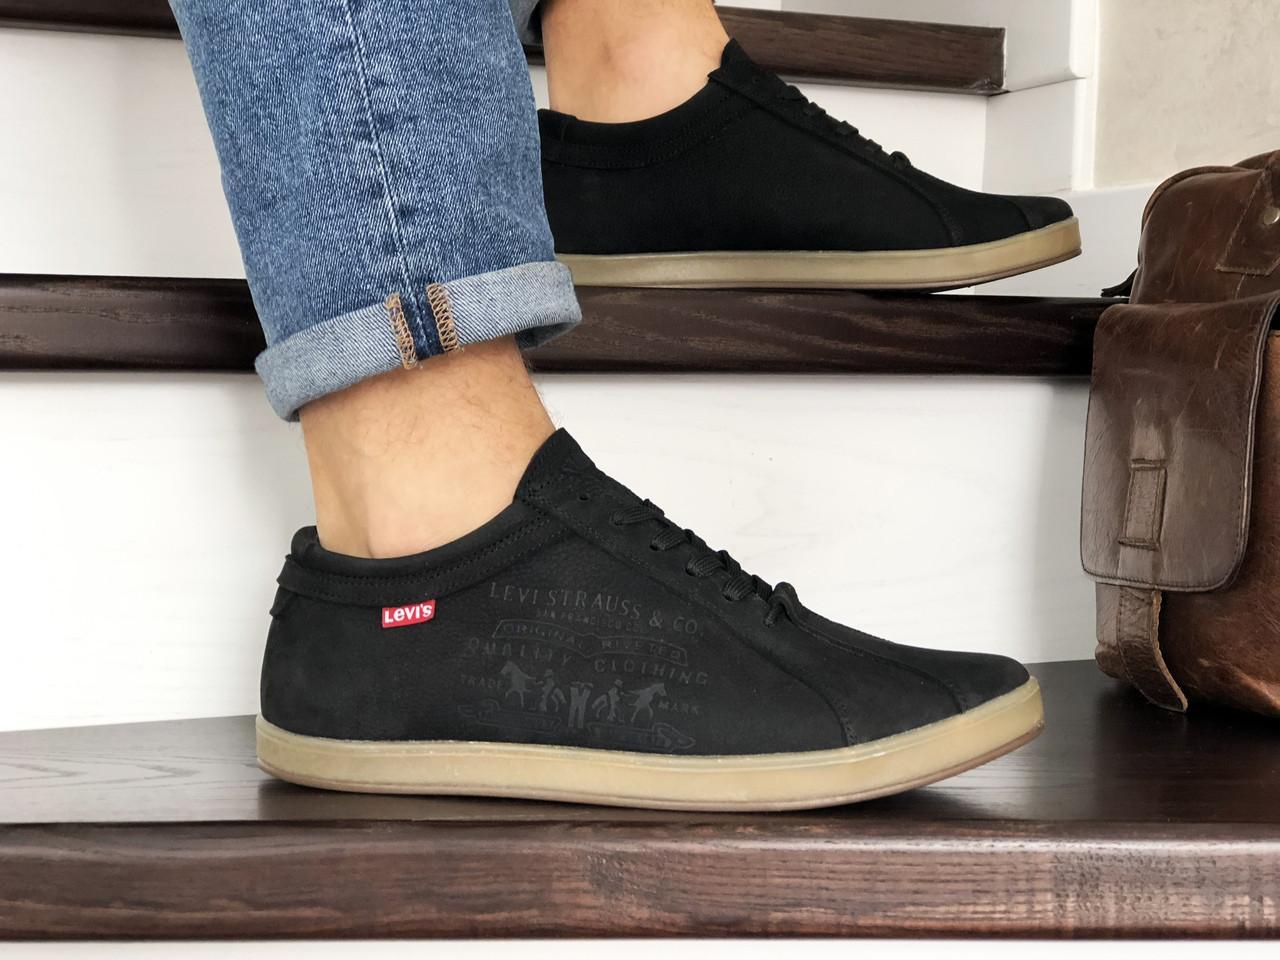 Мужские кроссовки (туфли) Levis, нубук,черные